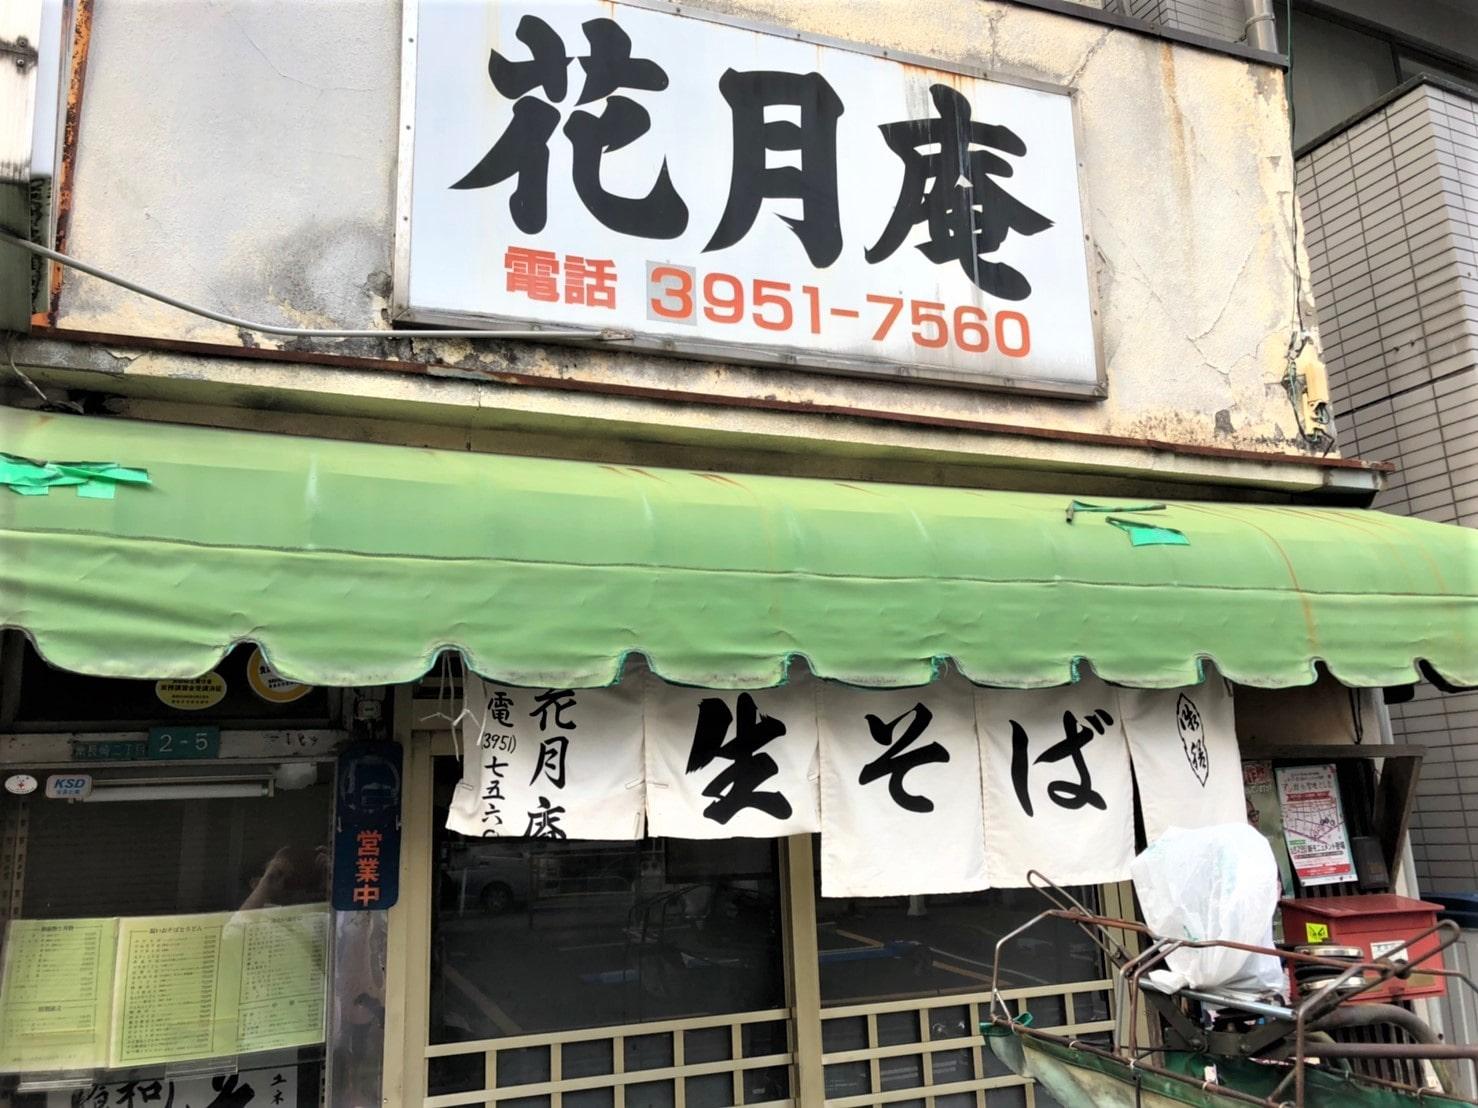 落合南長崎の商店街のそば屋